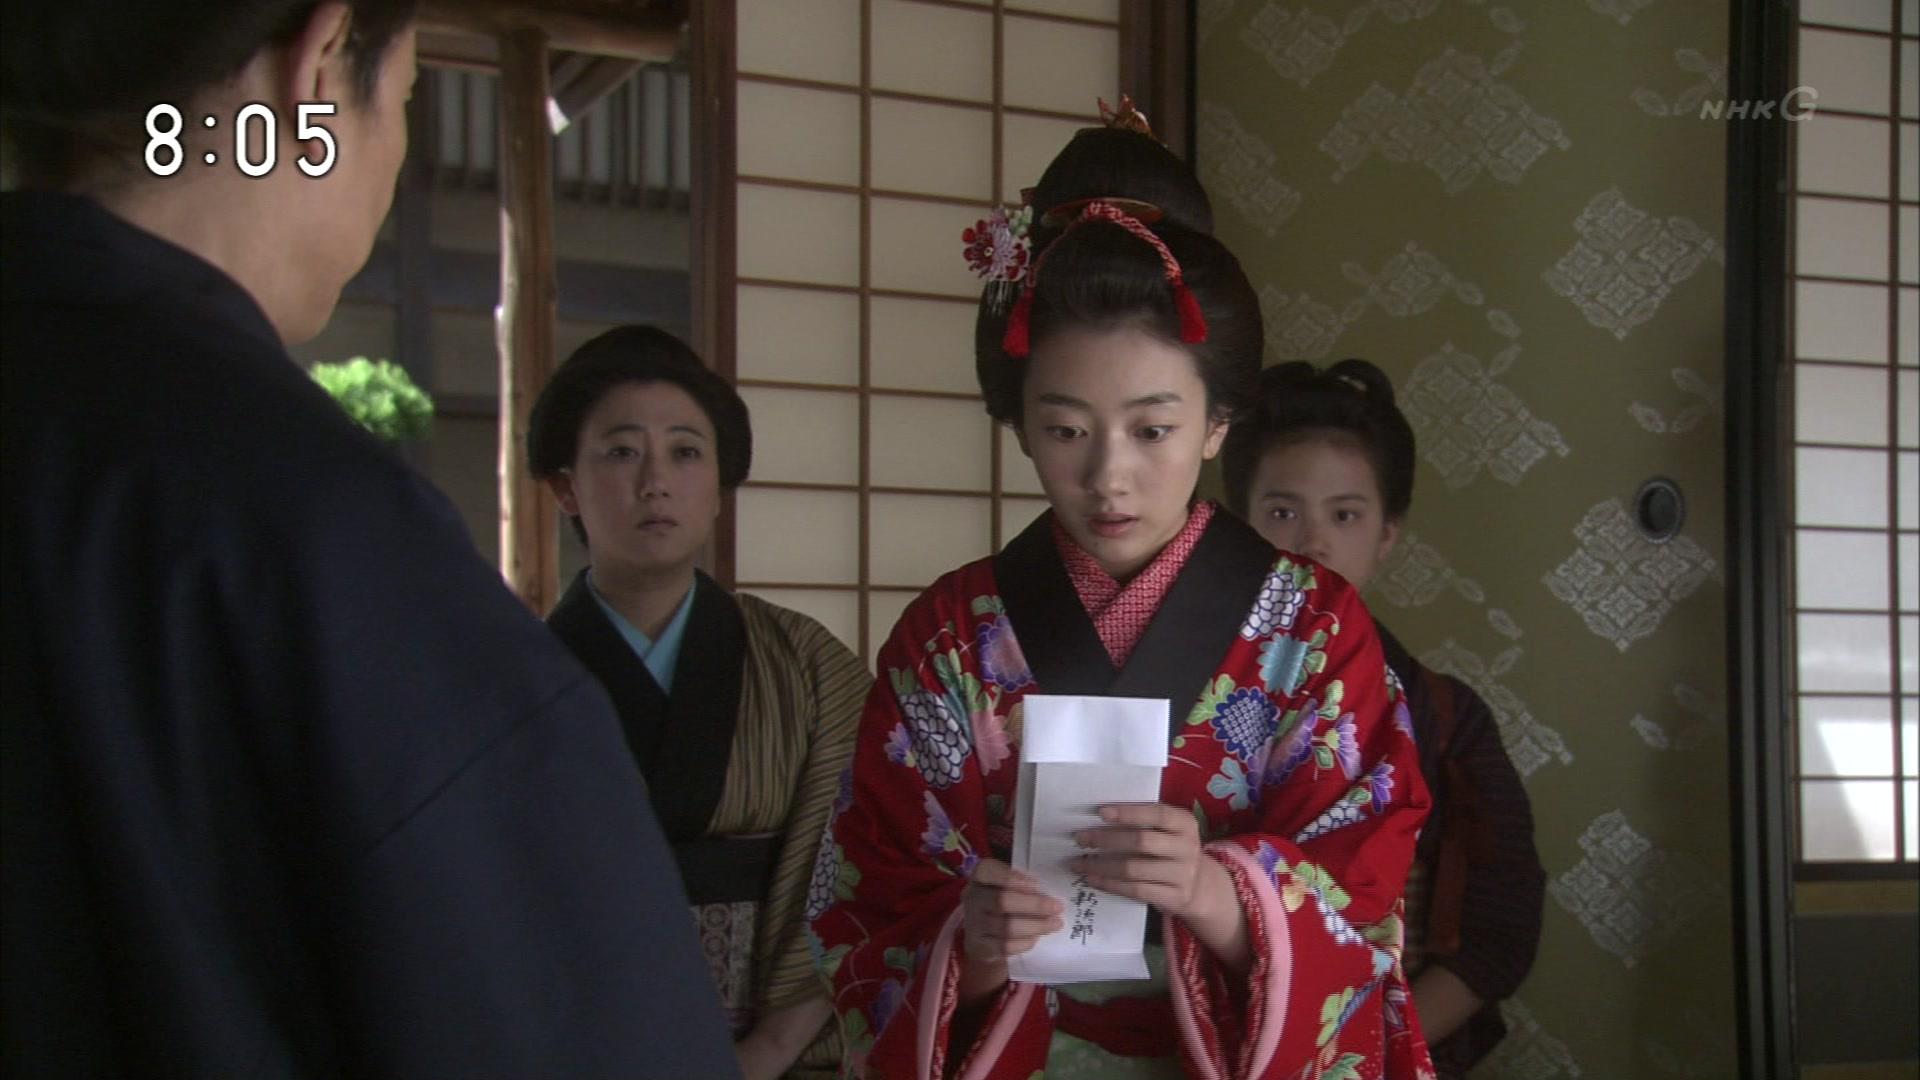 2015-10-06 08:00 連続テレビ小説 あさが来た(8)「ふたつの花びら」 1068